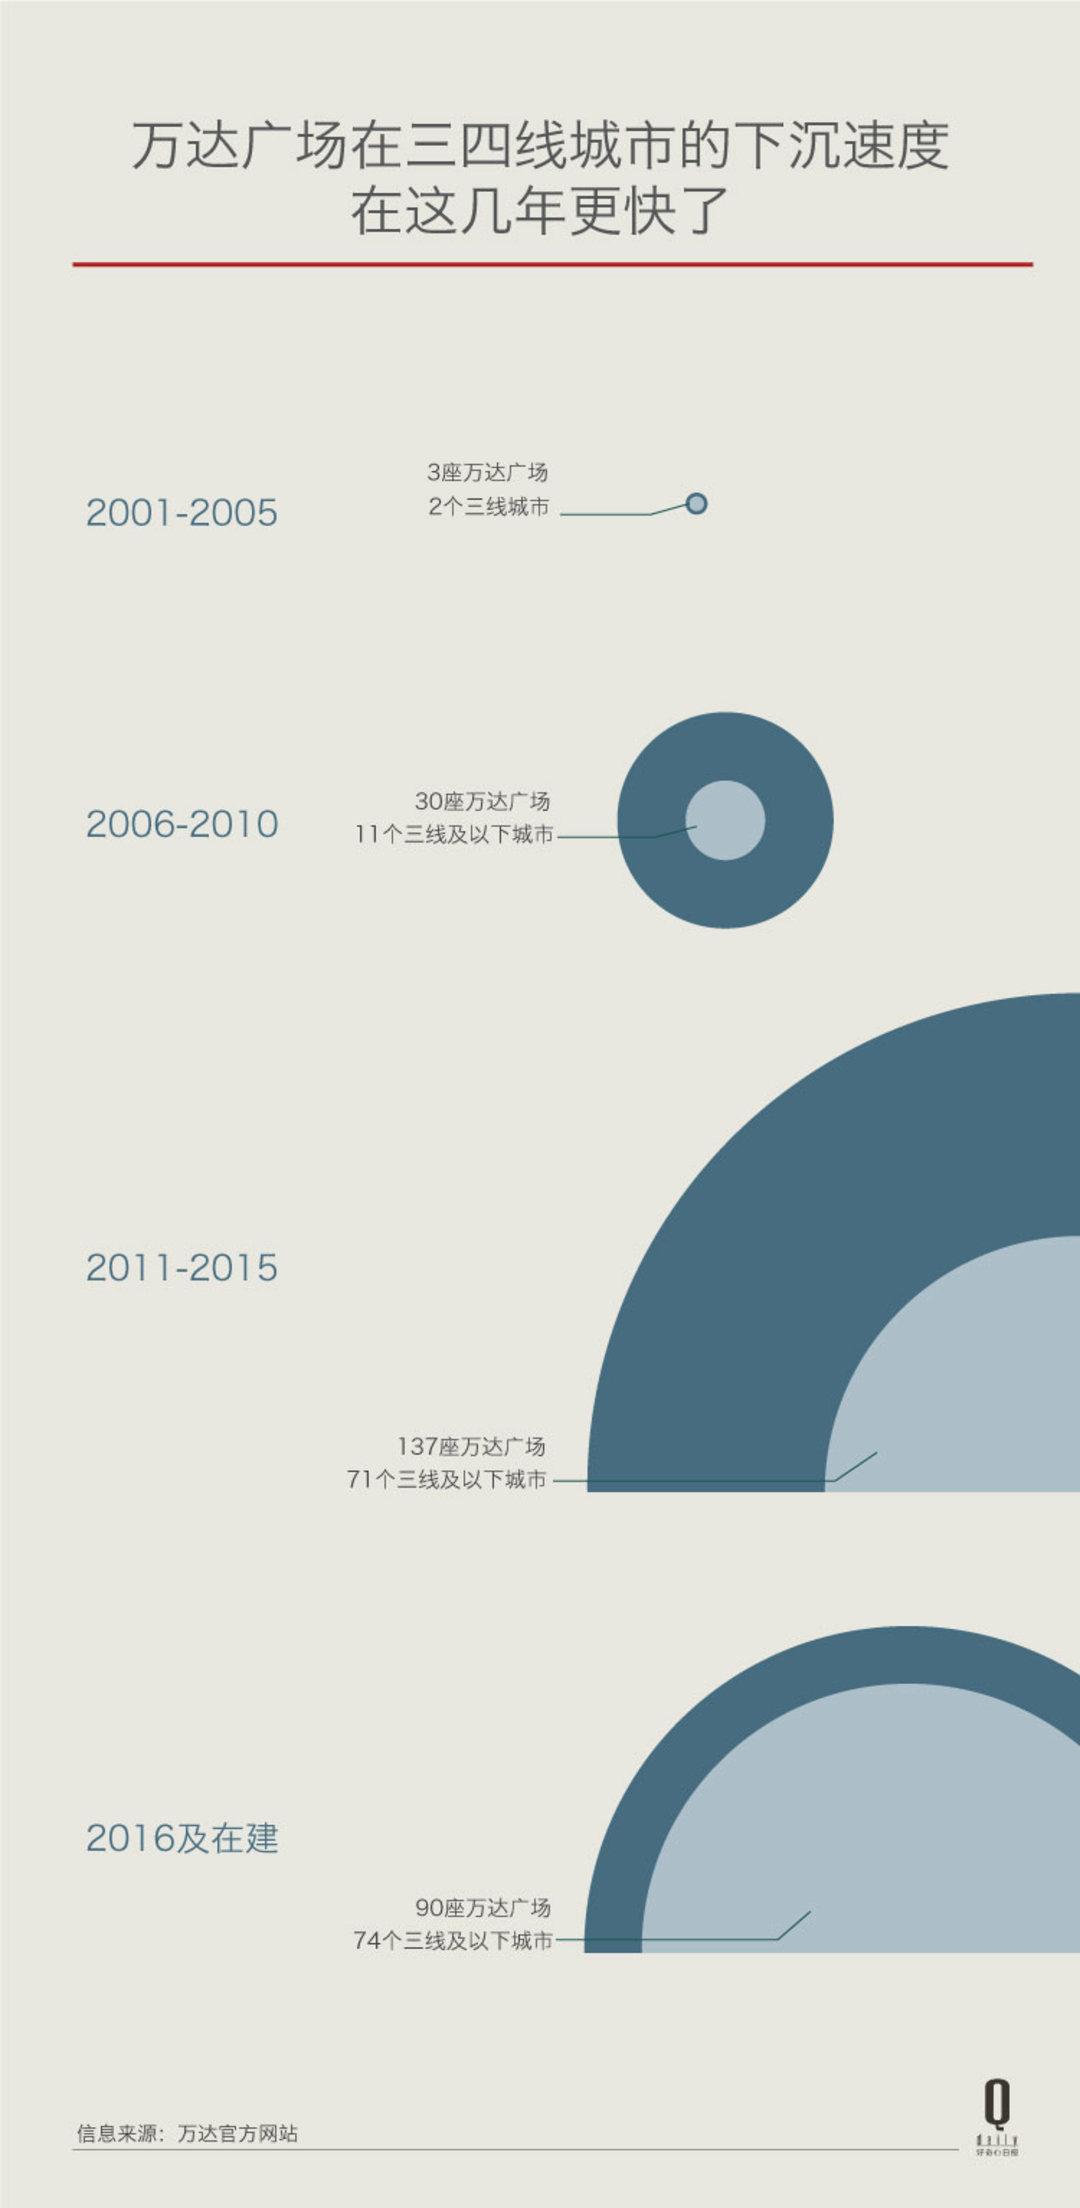 两张图告诉你,十几年来万达如何向三四线一步步扩张_商业_好奇心日报